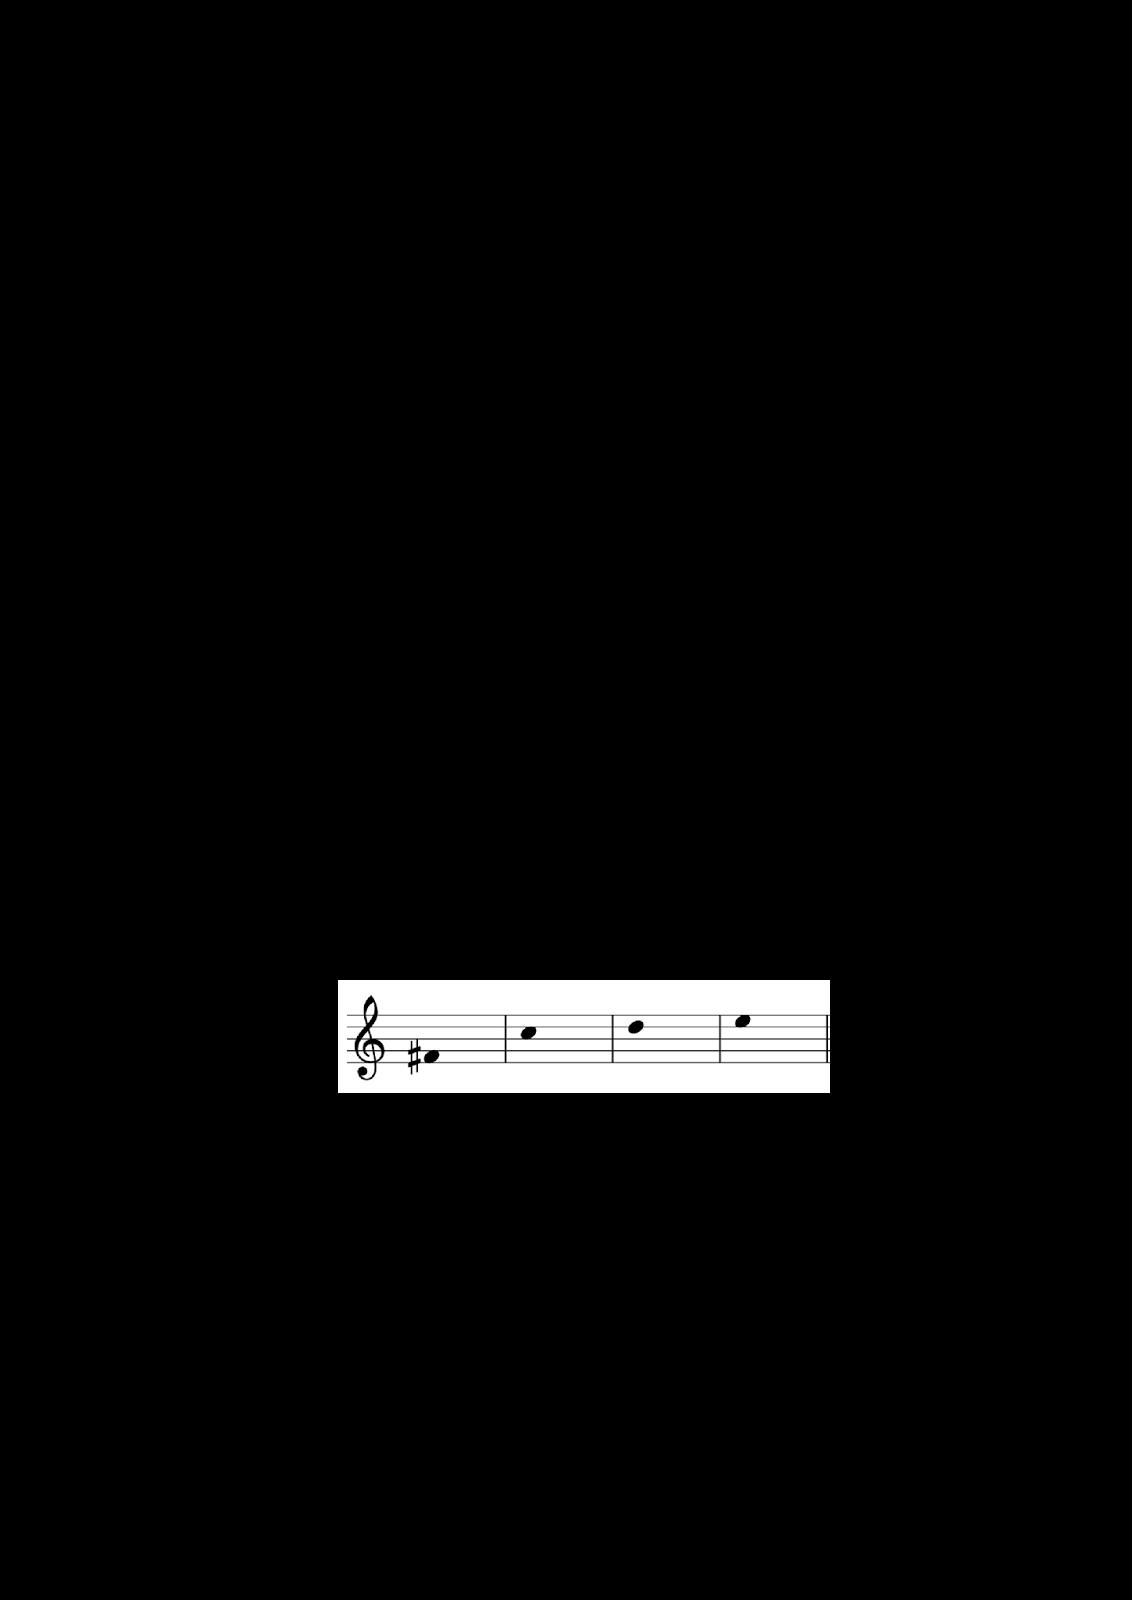 Blog De Musica Del Ceip Milenario De La Lengua Castellana Partitura Jingle Bells Para Flauta